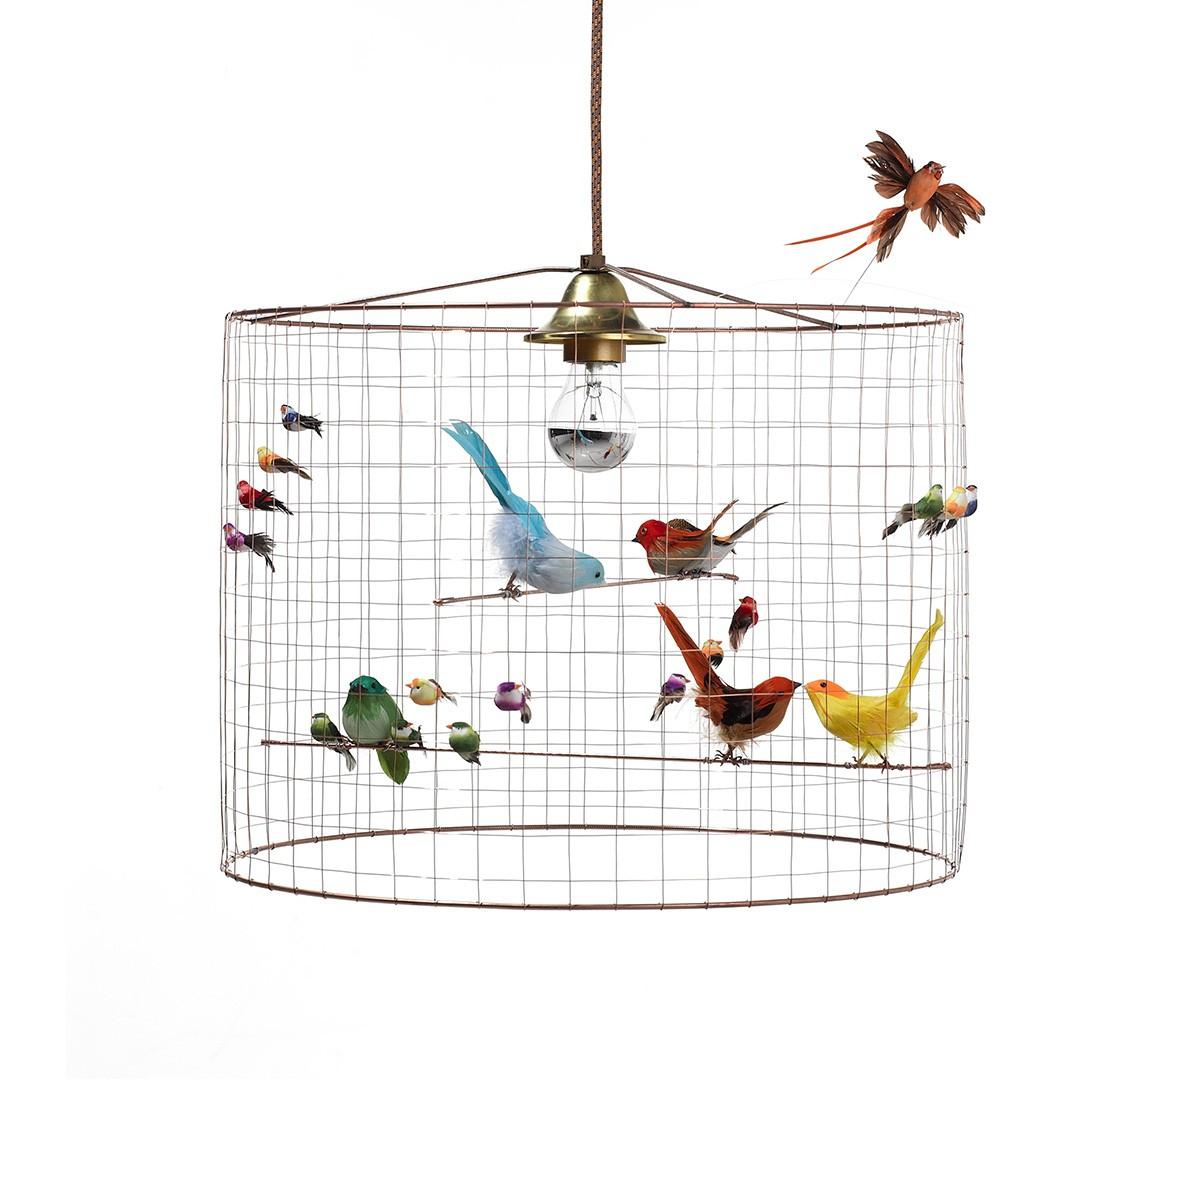 Suspension - Petite Volière Mathieu Challières serapportantà Dessin De Cage D Oiseau